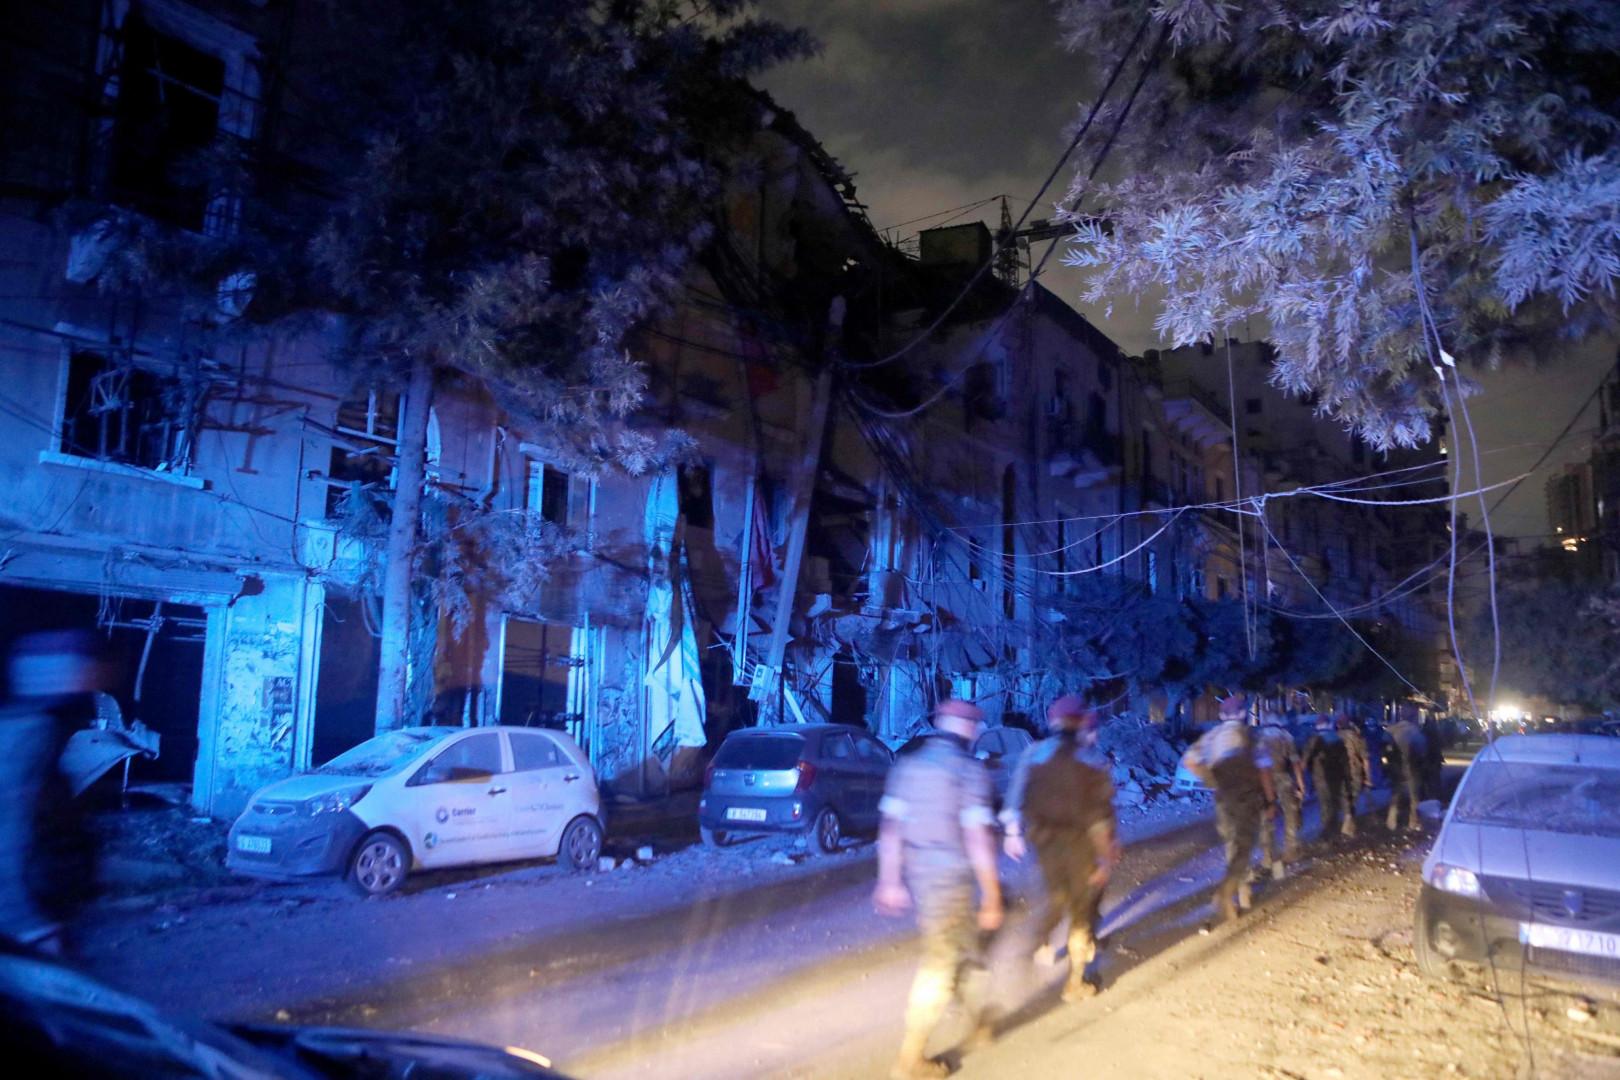 بعد شهر على انفجار بيروت.. رصد نبضات قلب تحت الأنقاض